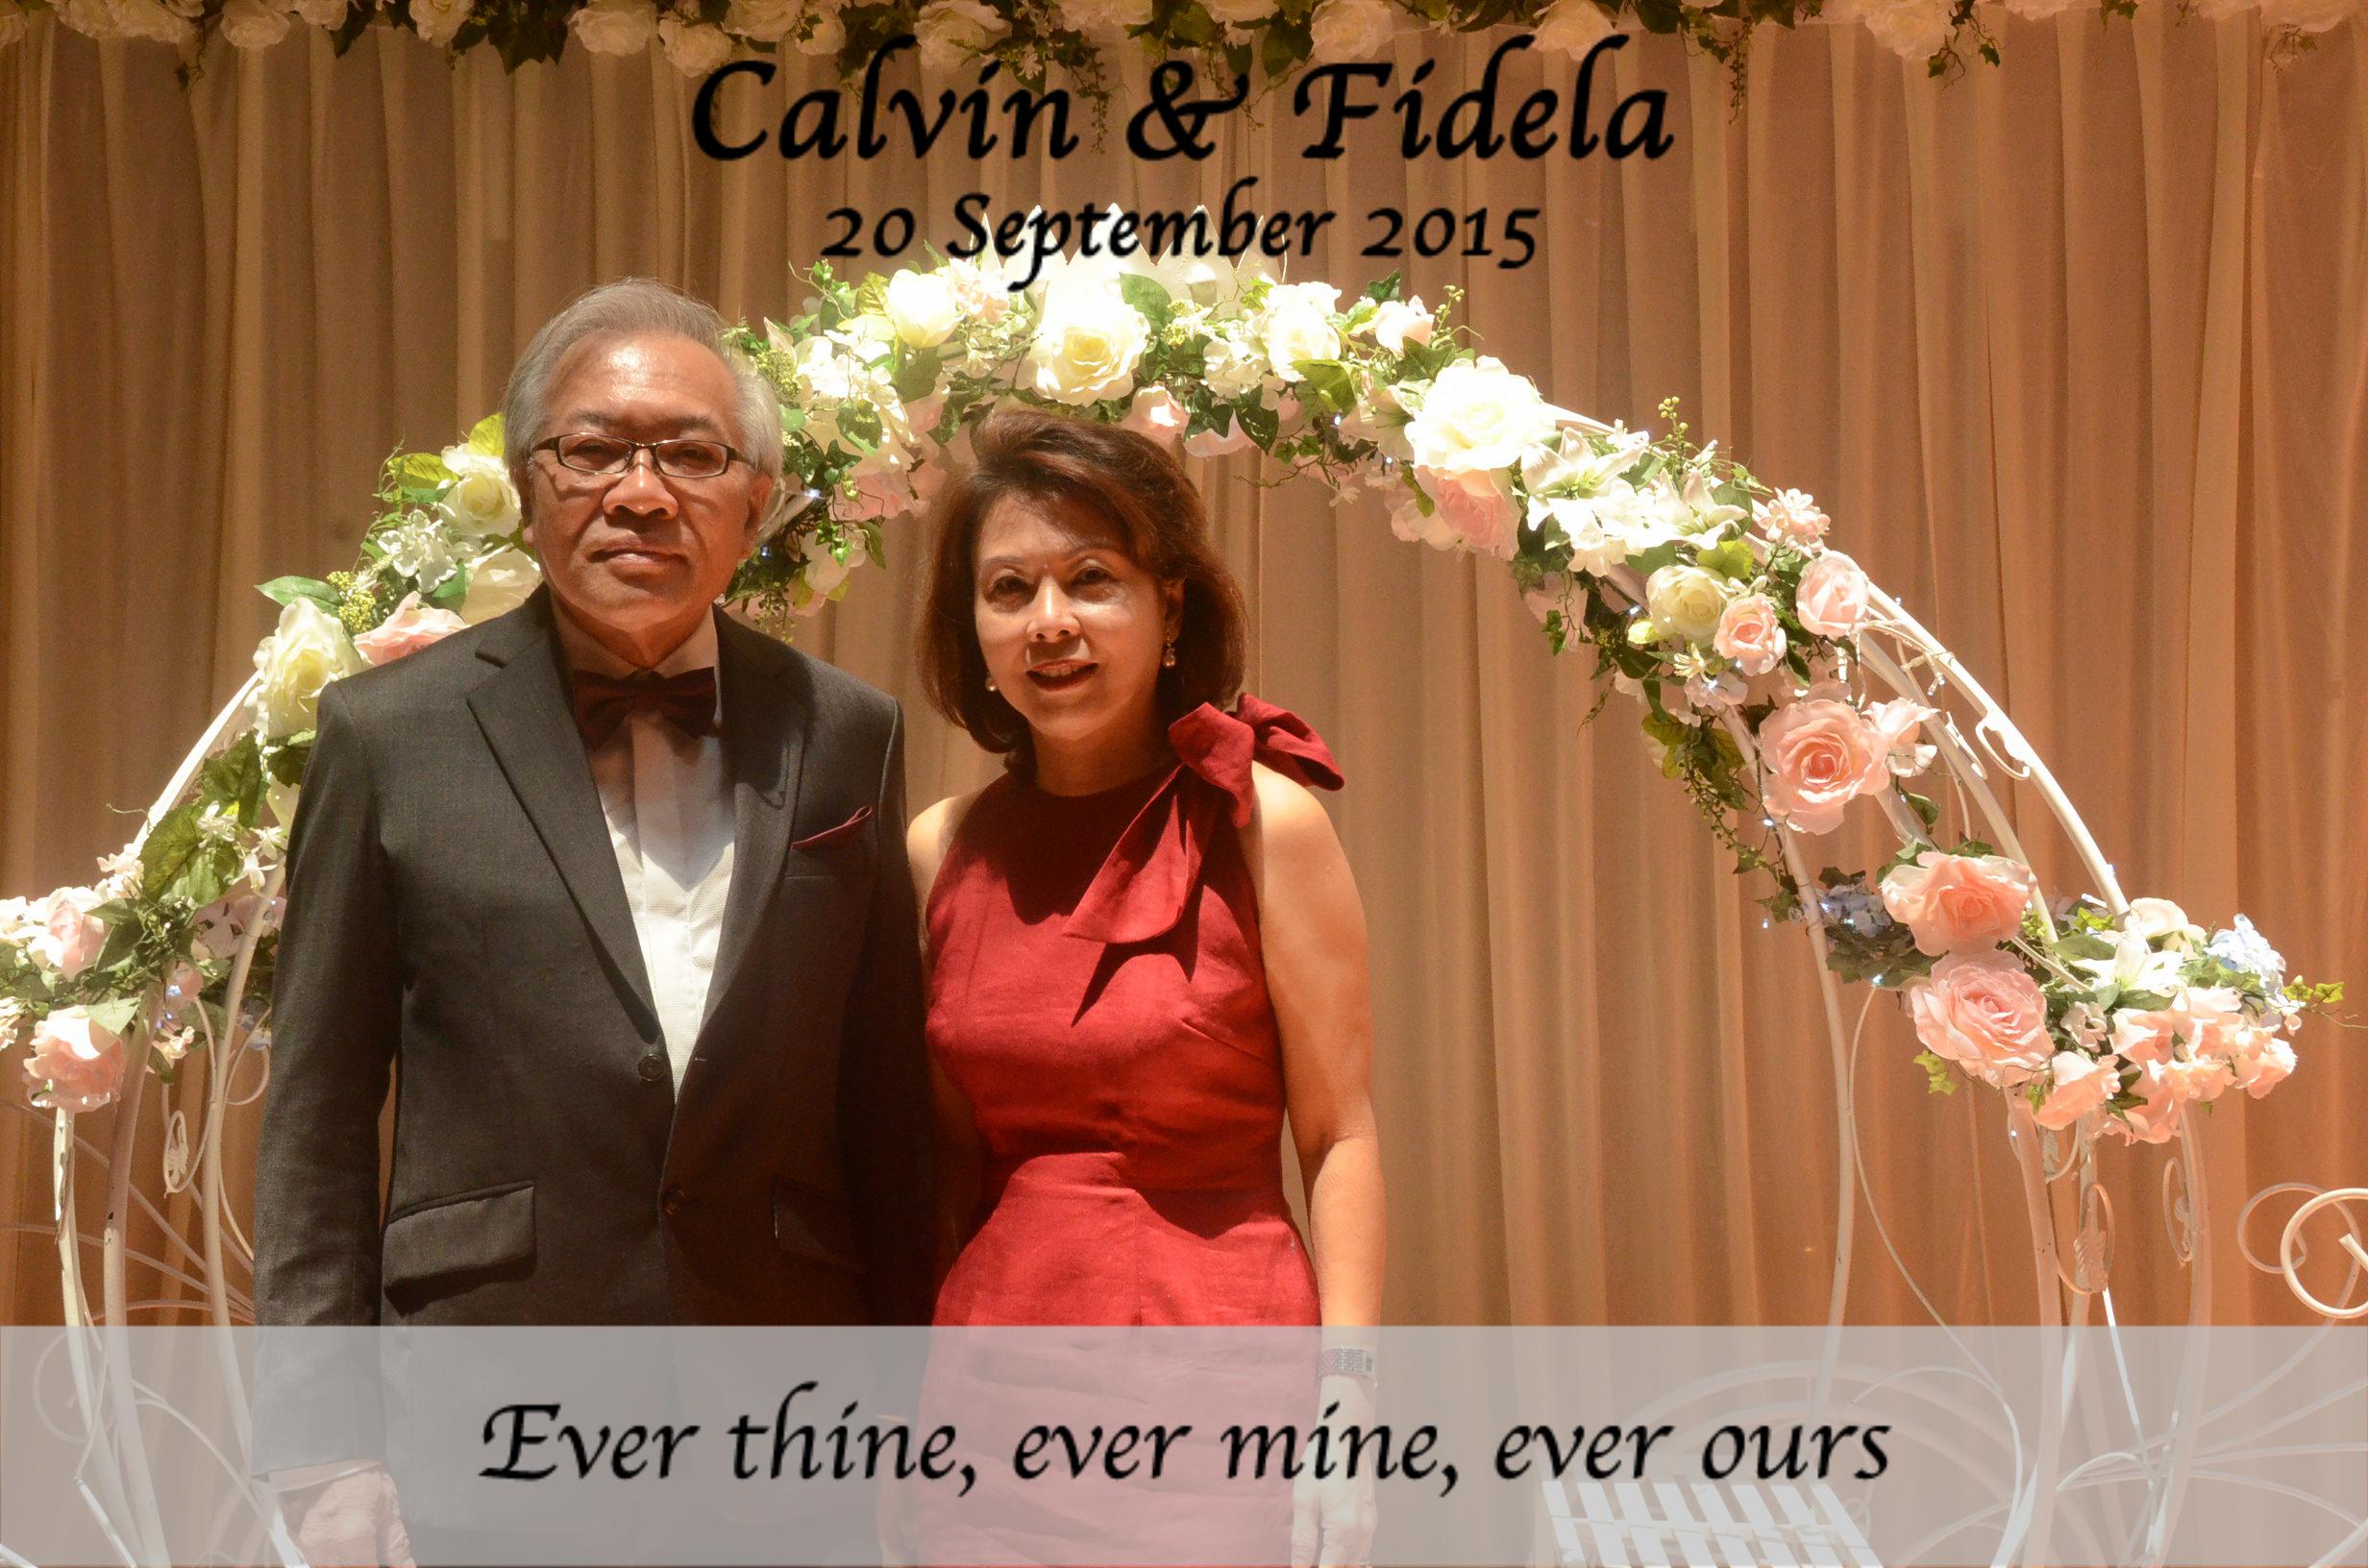 Calvin & Fidela-1.jpg